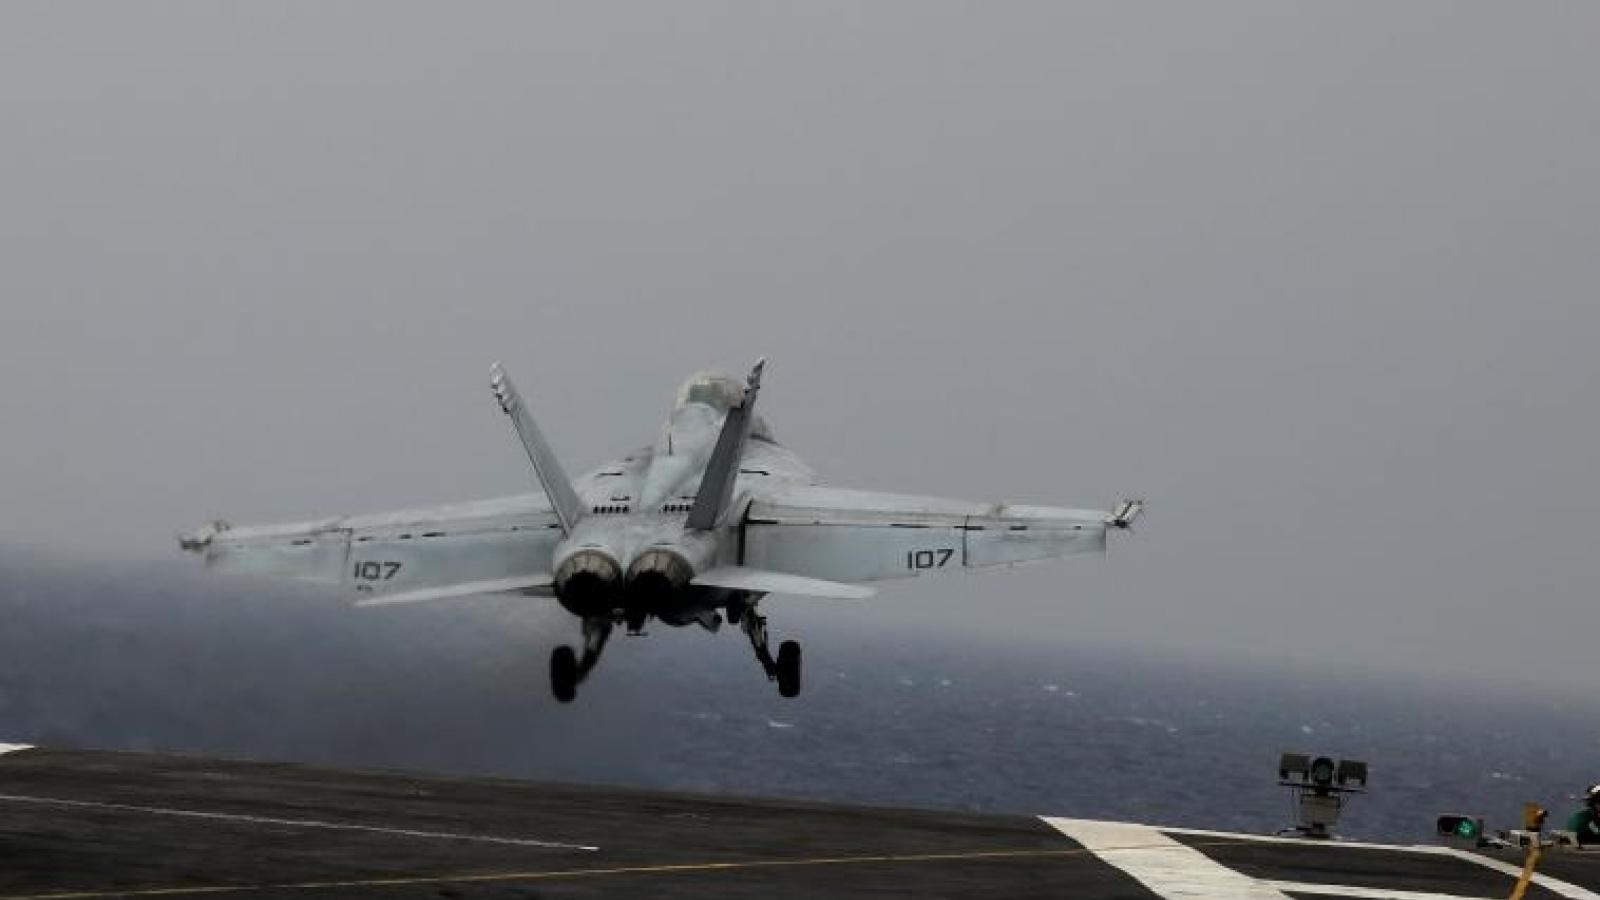 Chính phủ Mỹ thông báo bán máy bay lên thẳng cho Israel trị giá 3,4 tỷ USD